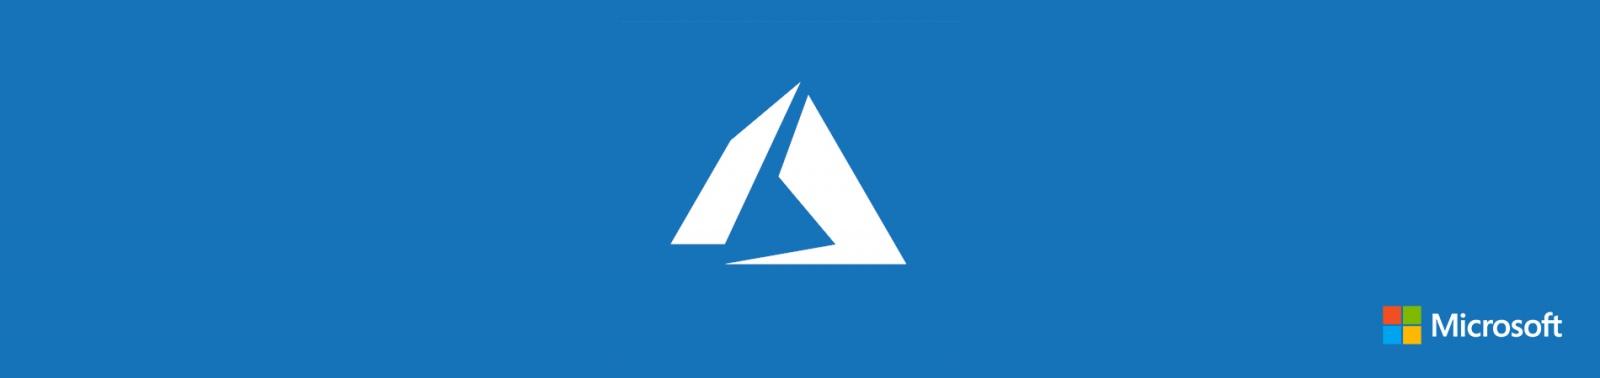 Странный символ и горячие анонсы первых дней Microsoft Ignite - 1